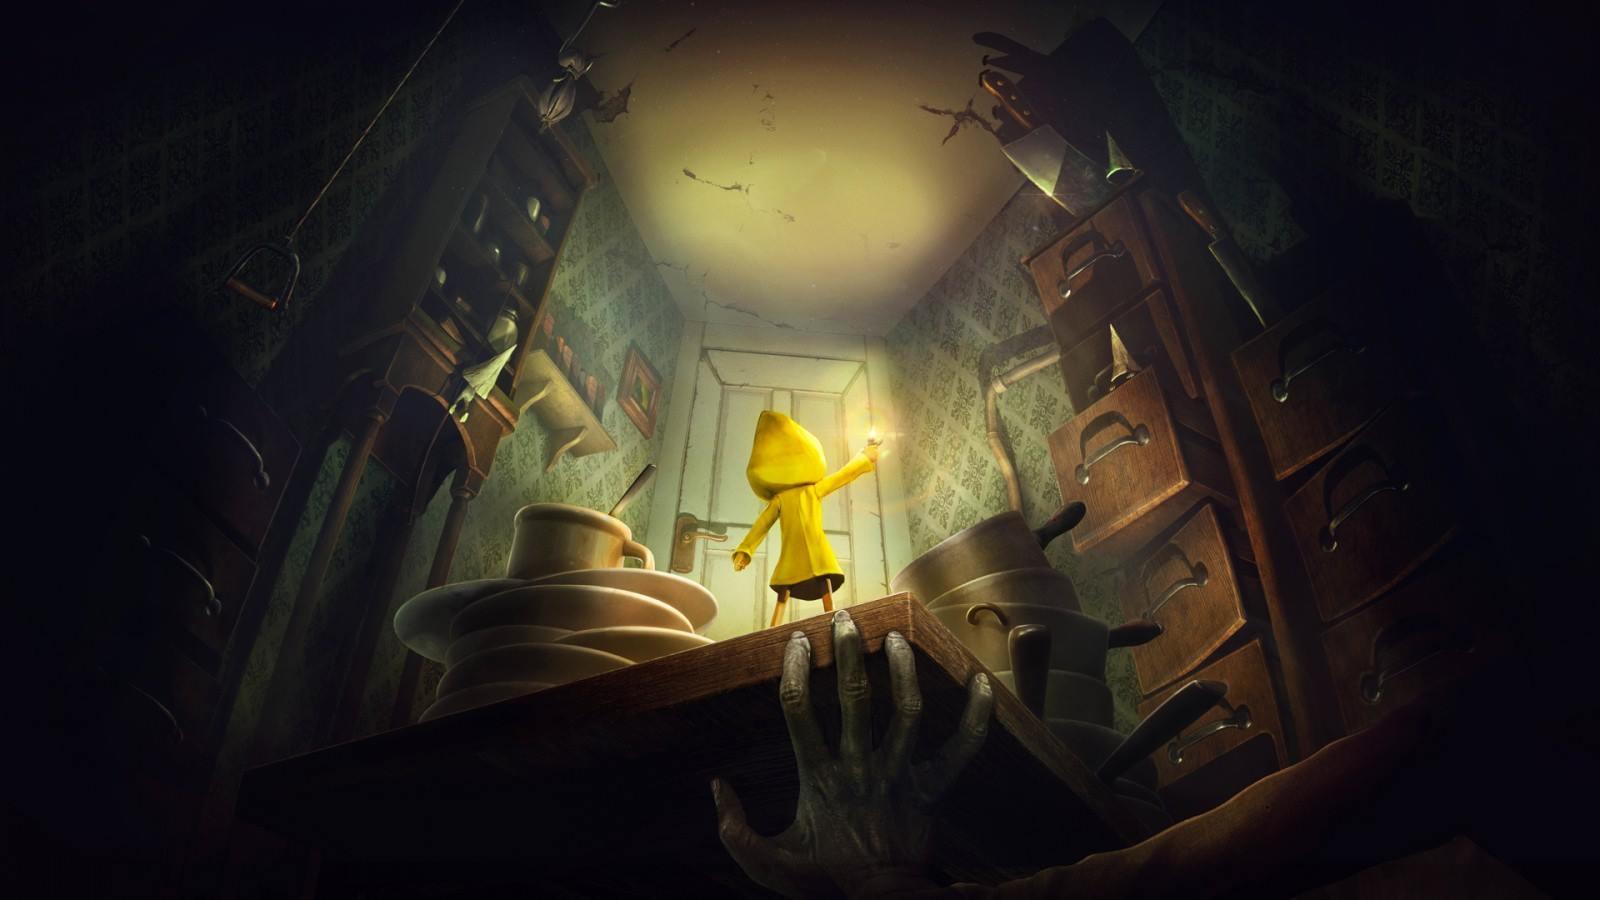 I samarbete med Spelens hus och Tarsier Studios har vi fått möjligheten att ta med er in bakom kulisserna till deras kommande spel Little Nightmares. Ni får spendera drygt två […]